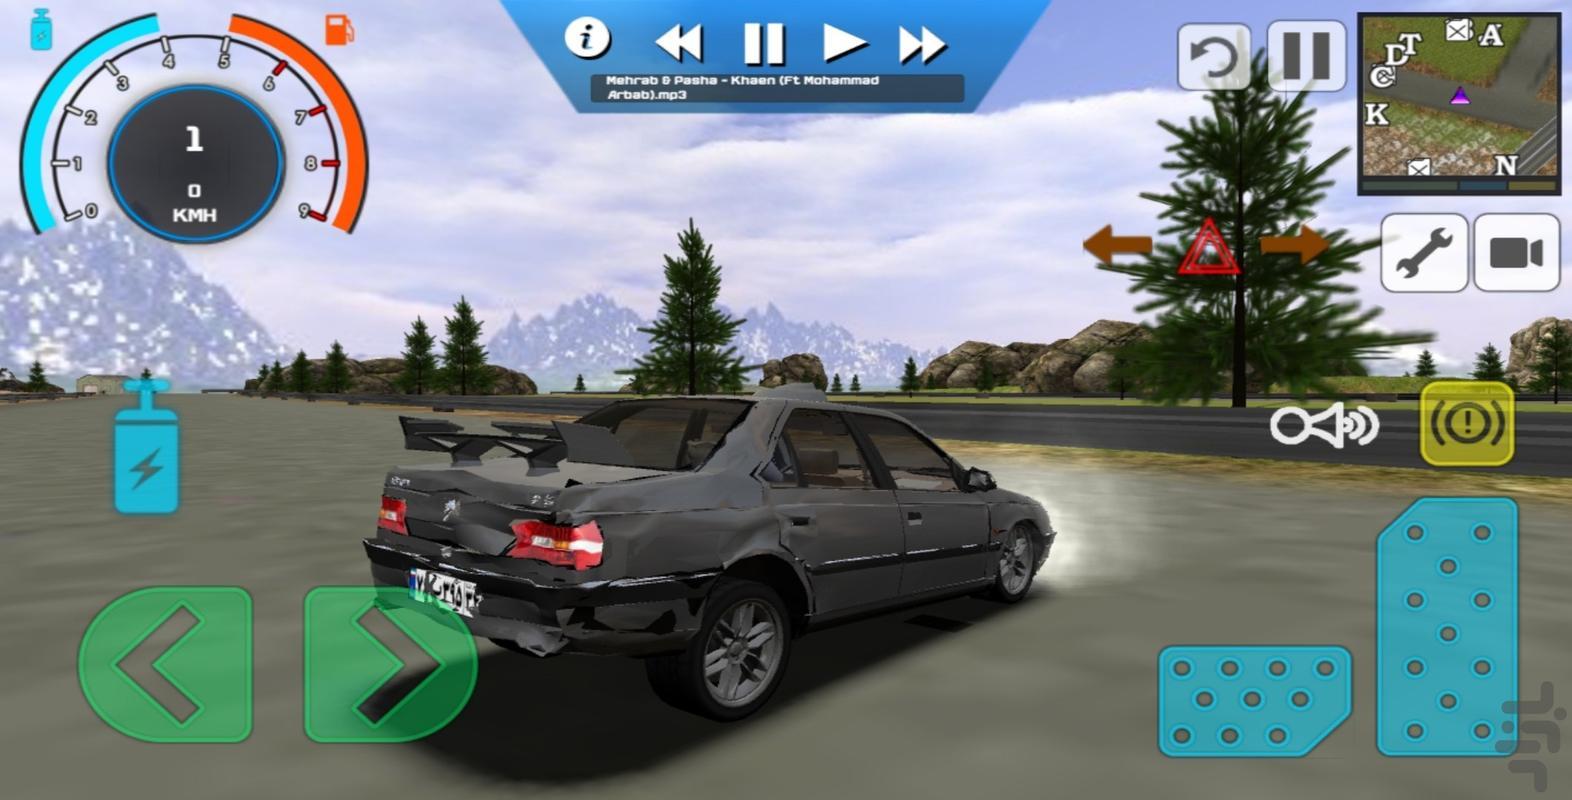 ماشین بازی باربری - عکس بازی موبایلی اندروید